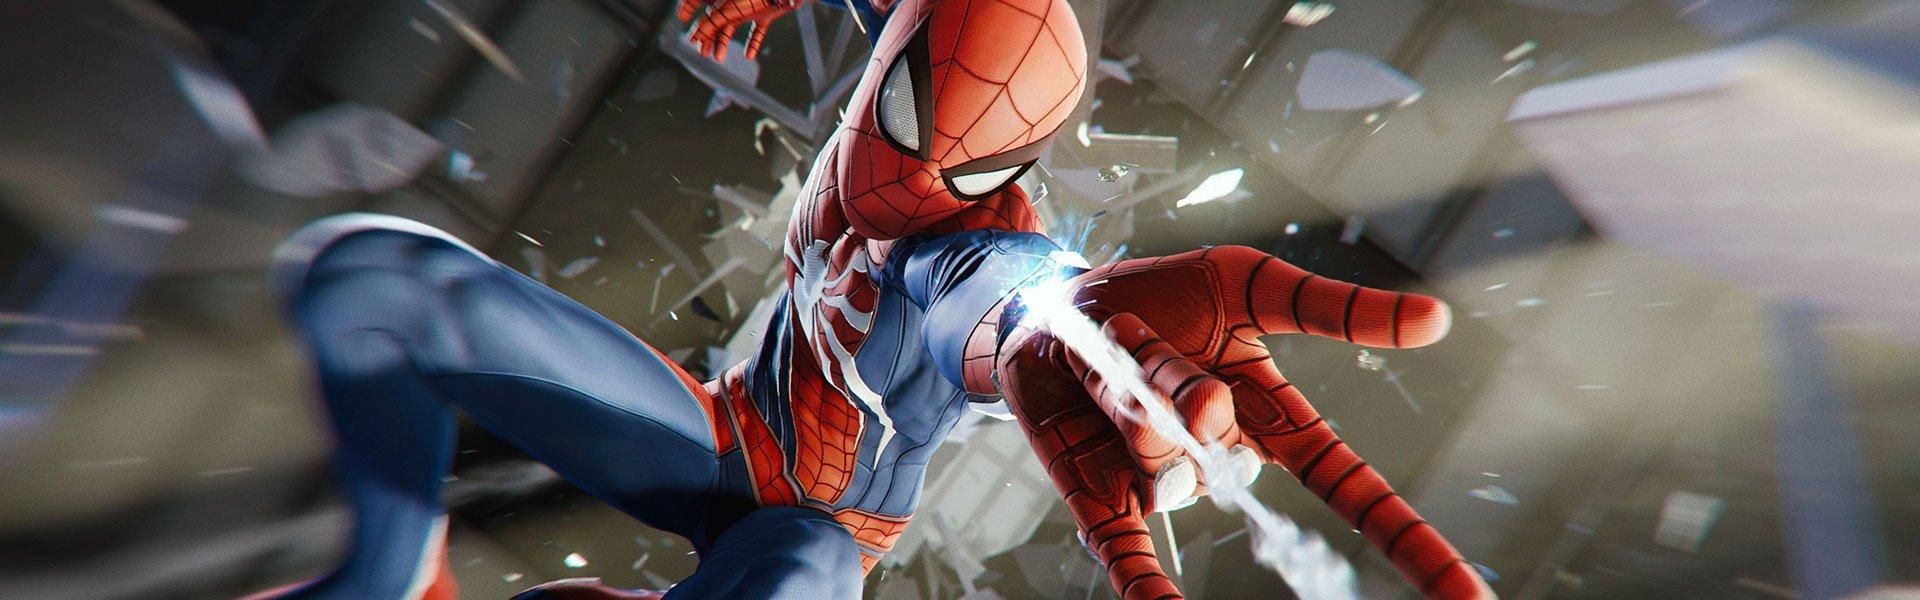 Spider-Man: Test